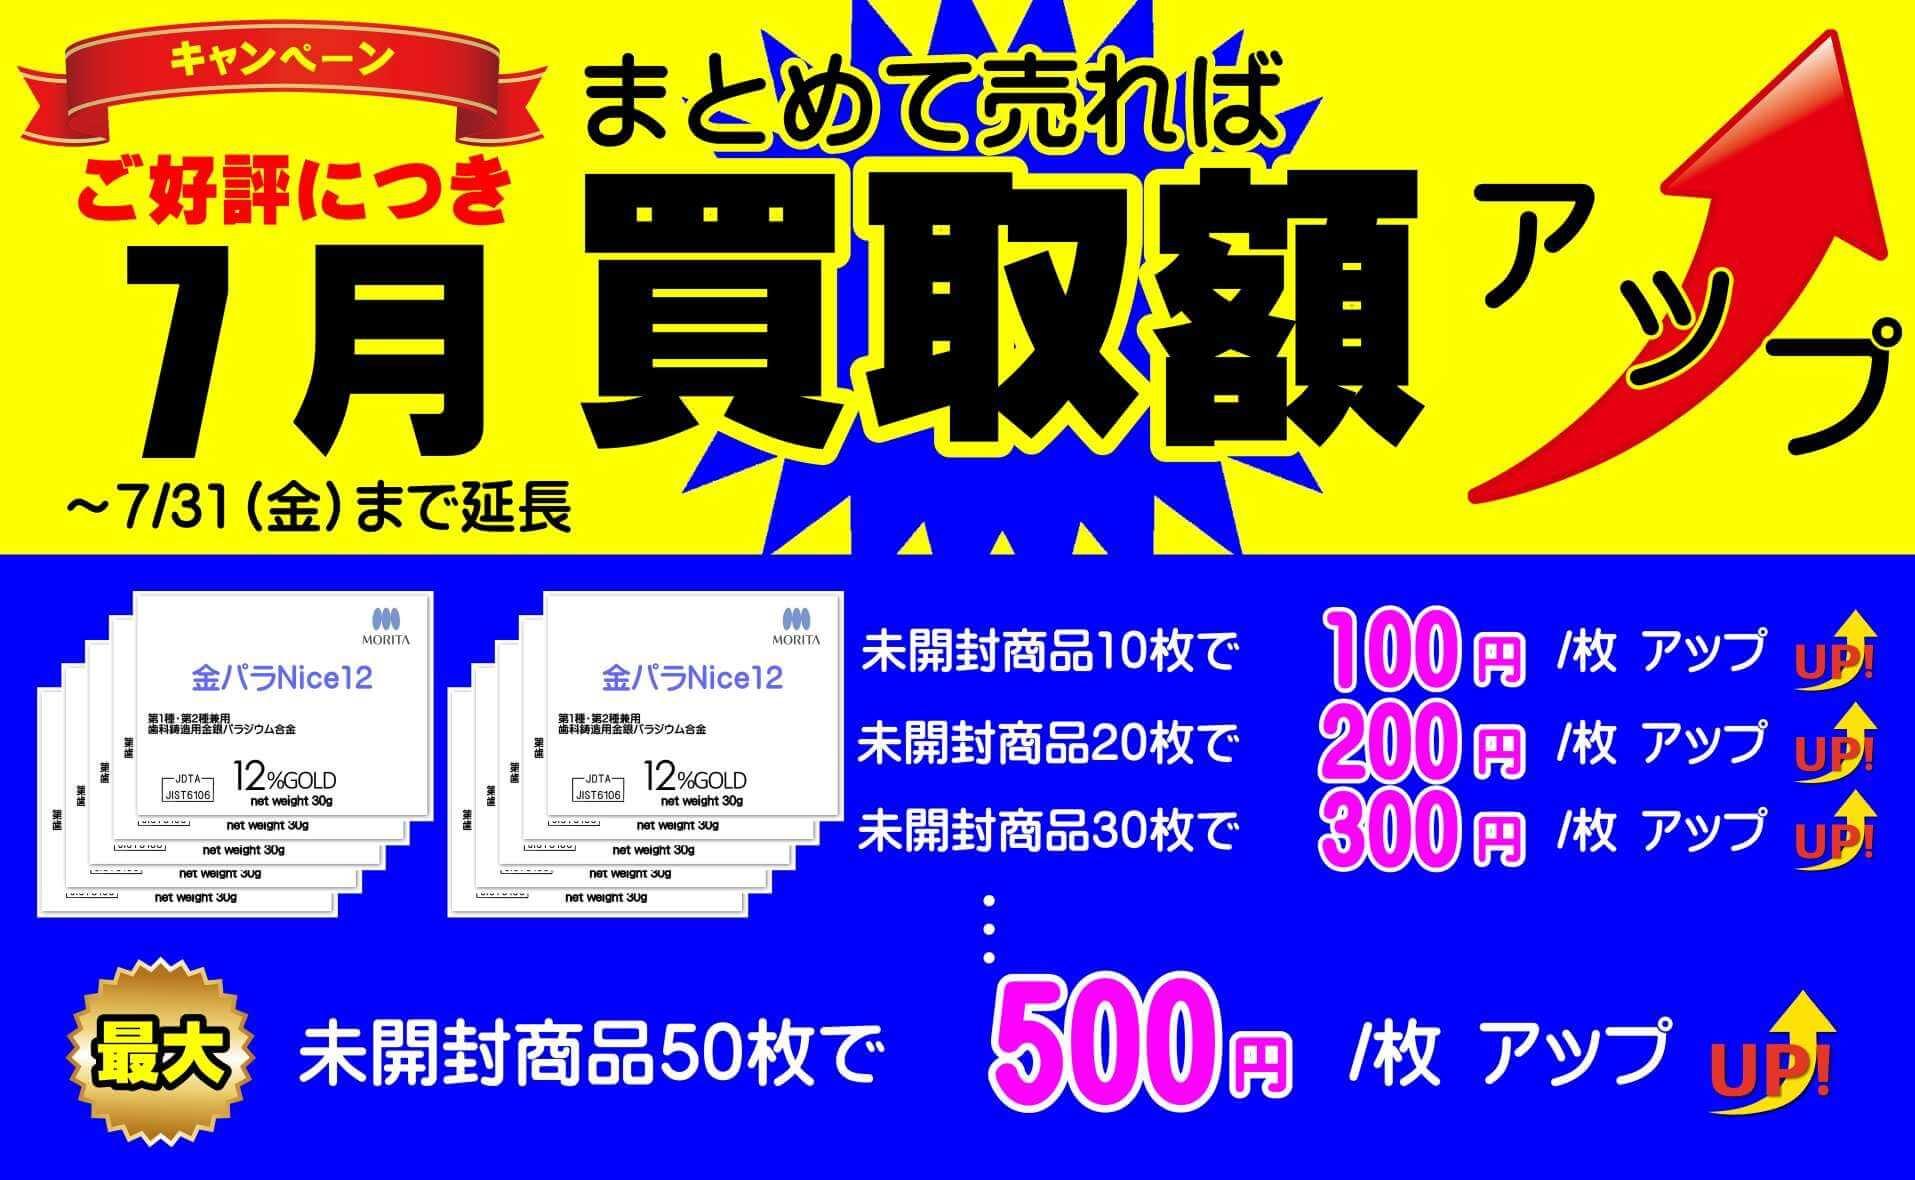 未開封金パラまとめ売りキャンペーン